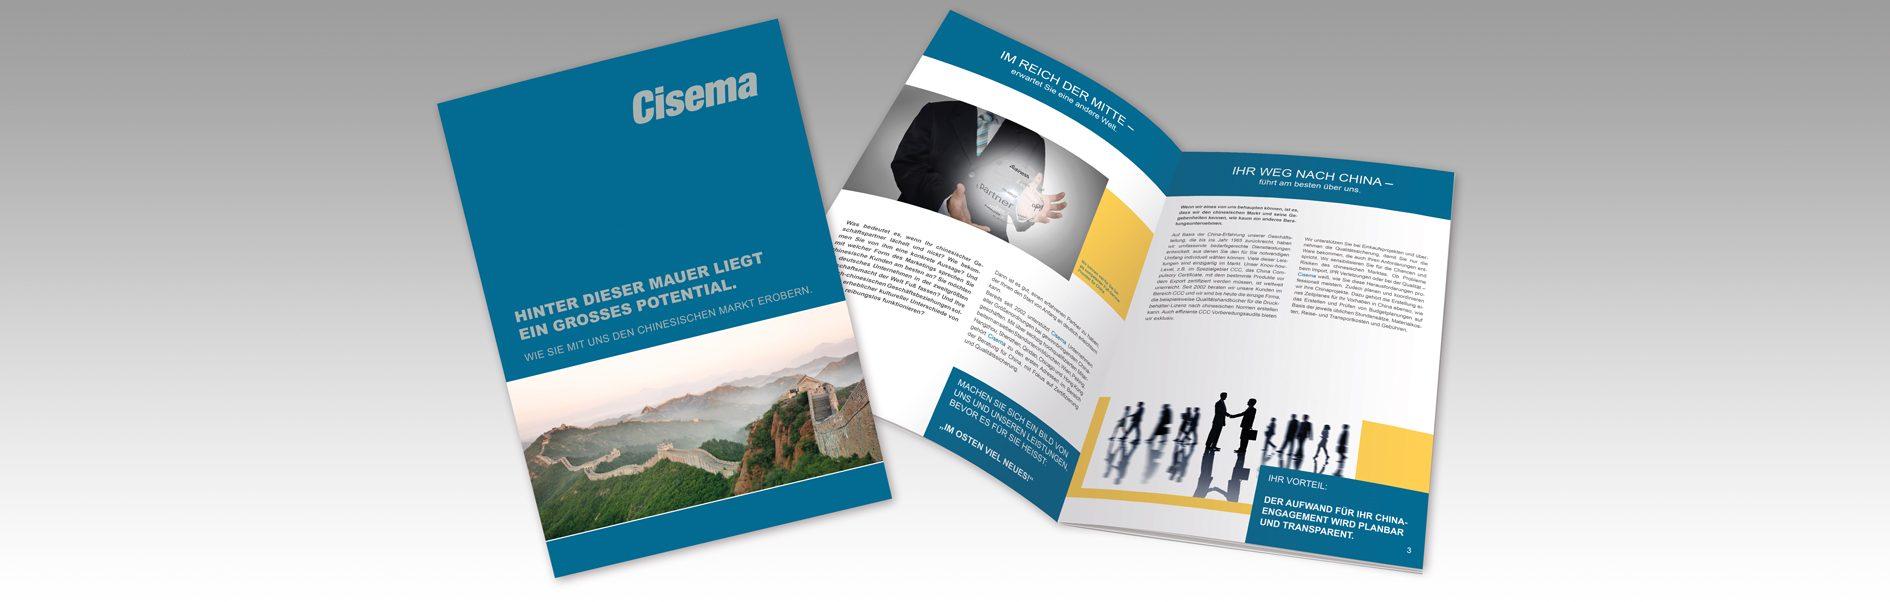 Es wird die Cisema Imagemappe gezeigt.